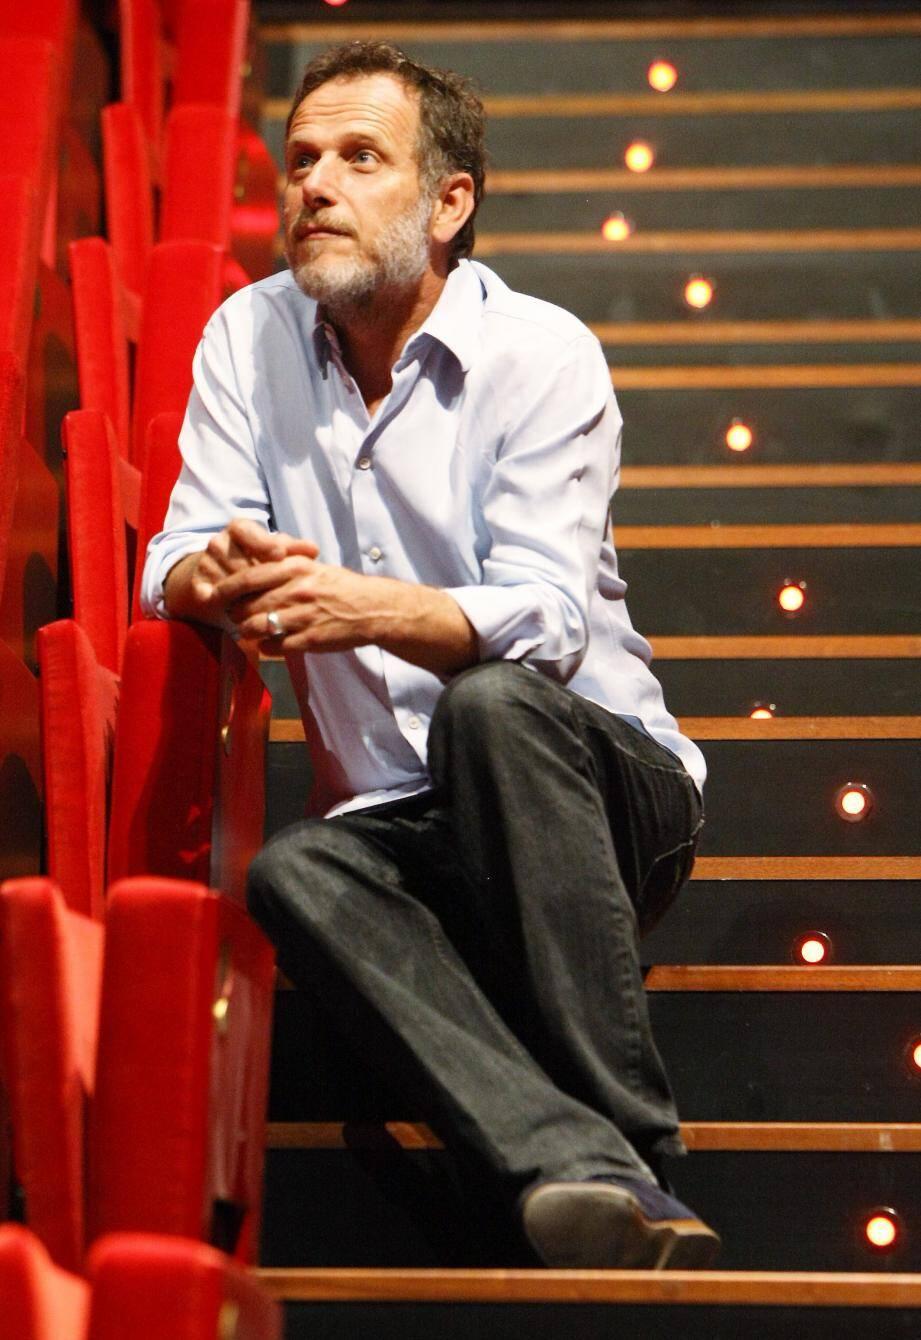 Auteur, metteur en scène, comédien, Charles Berling fera cette fois-ci la lecture dans le cadre du Festival des mots.